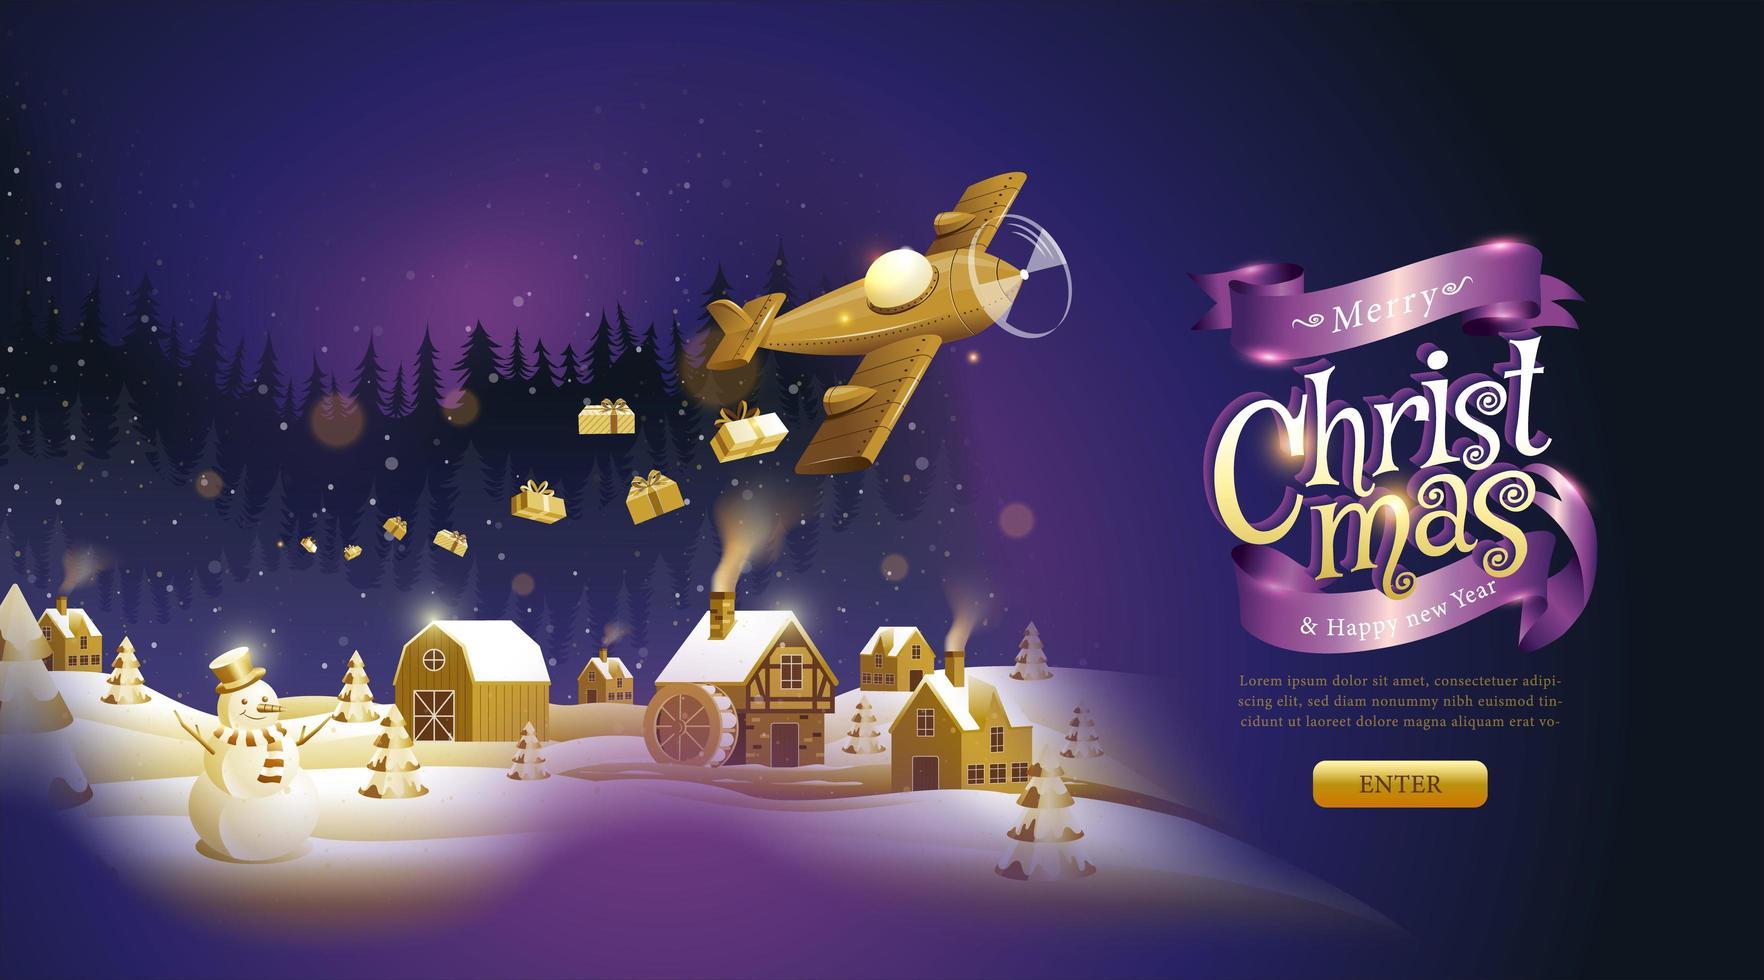 página de destino roxa e dourada de natal e ano novo vetor